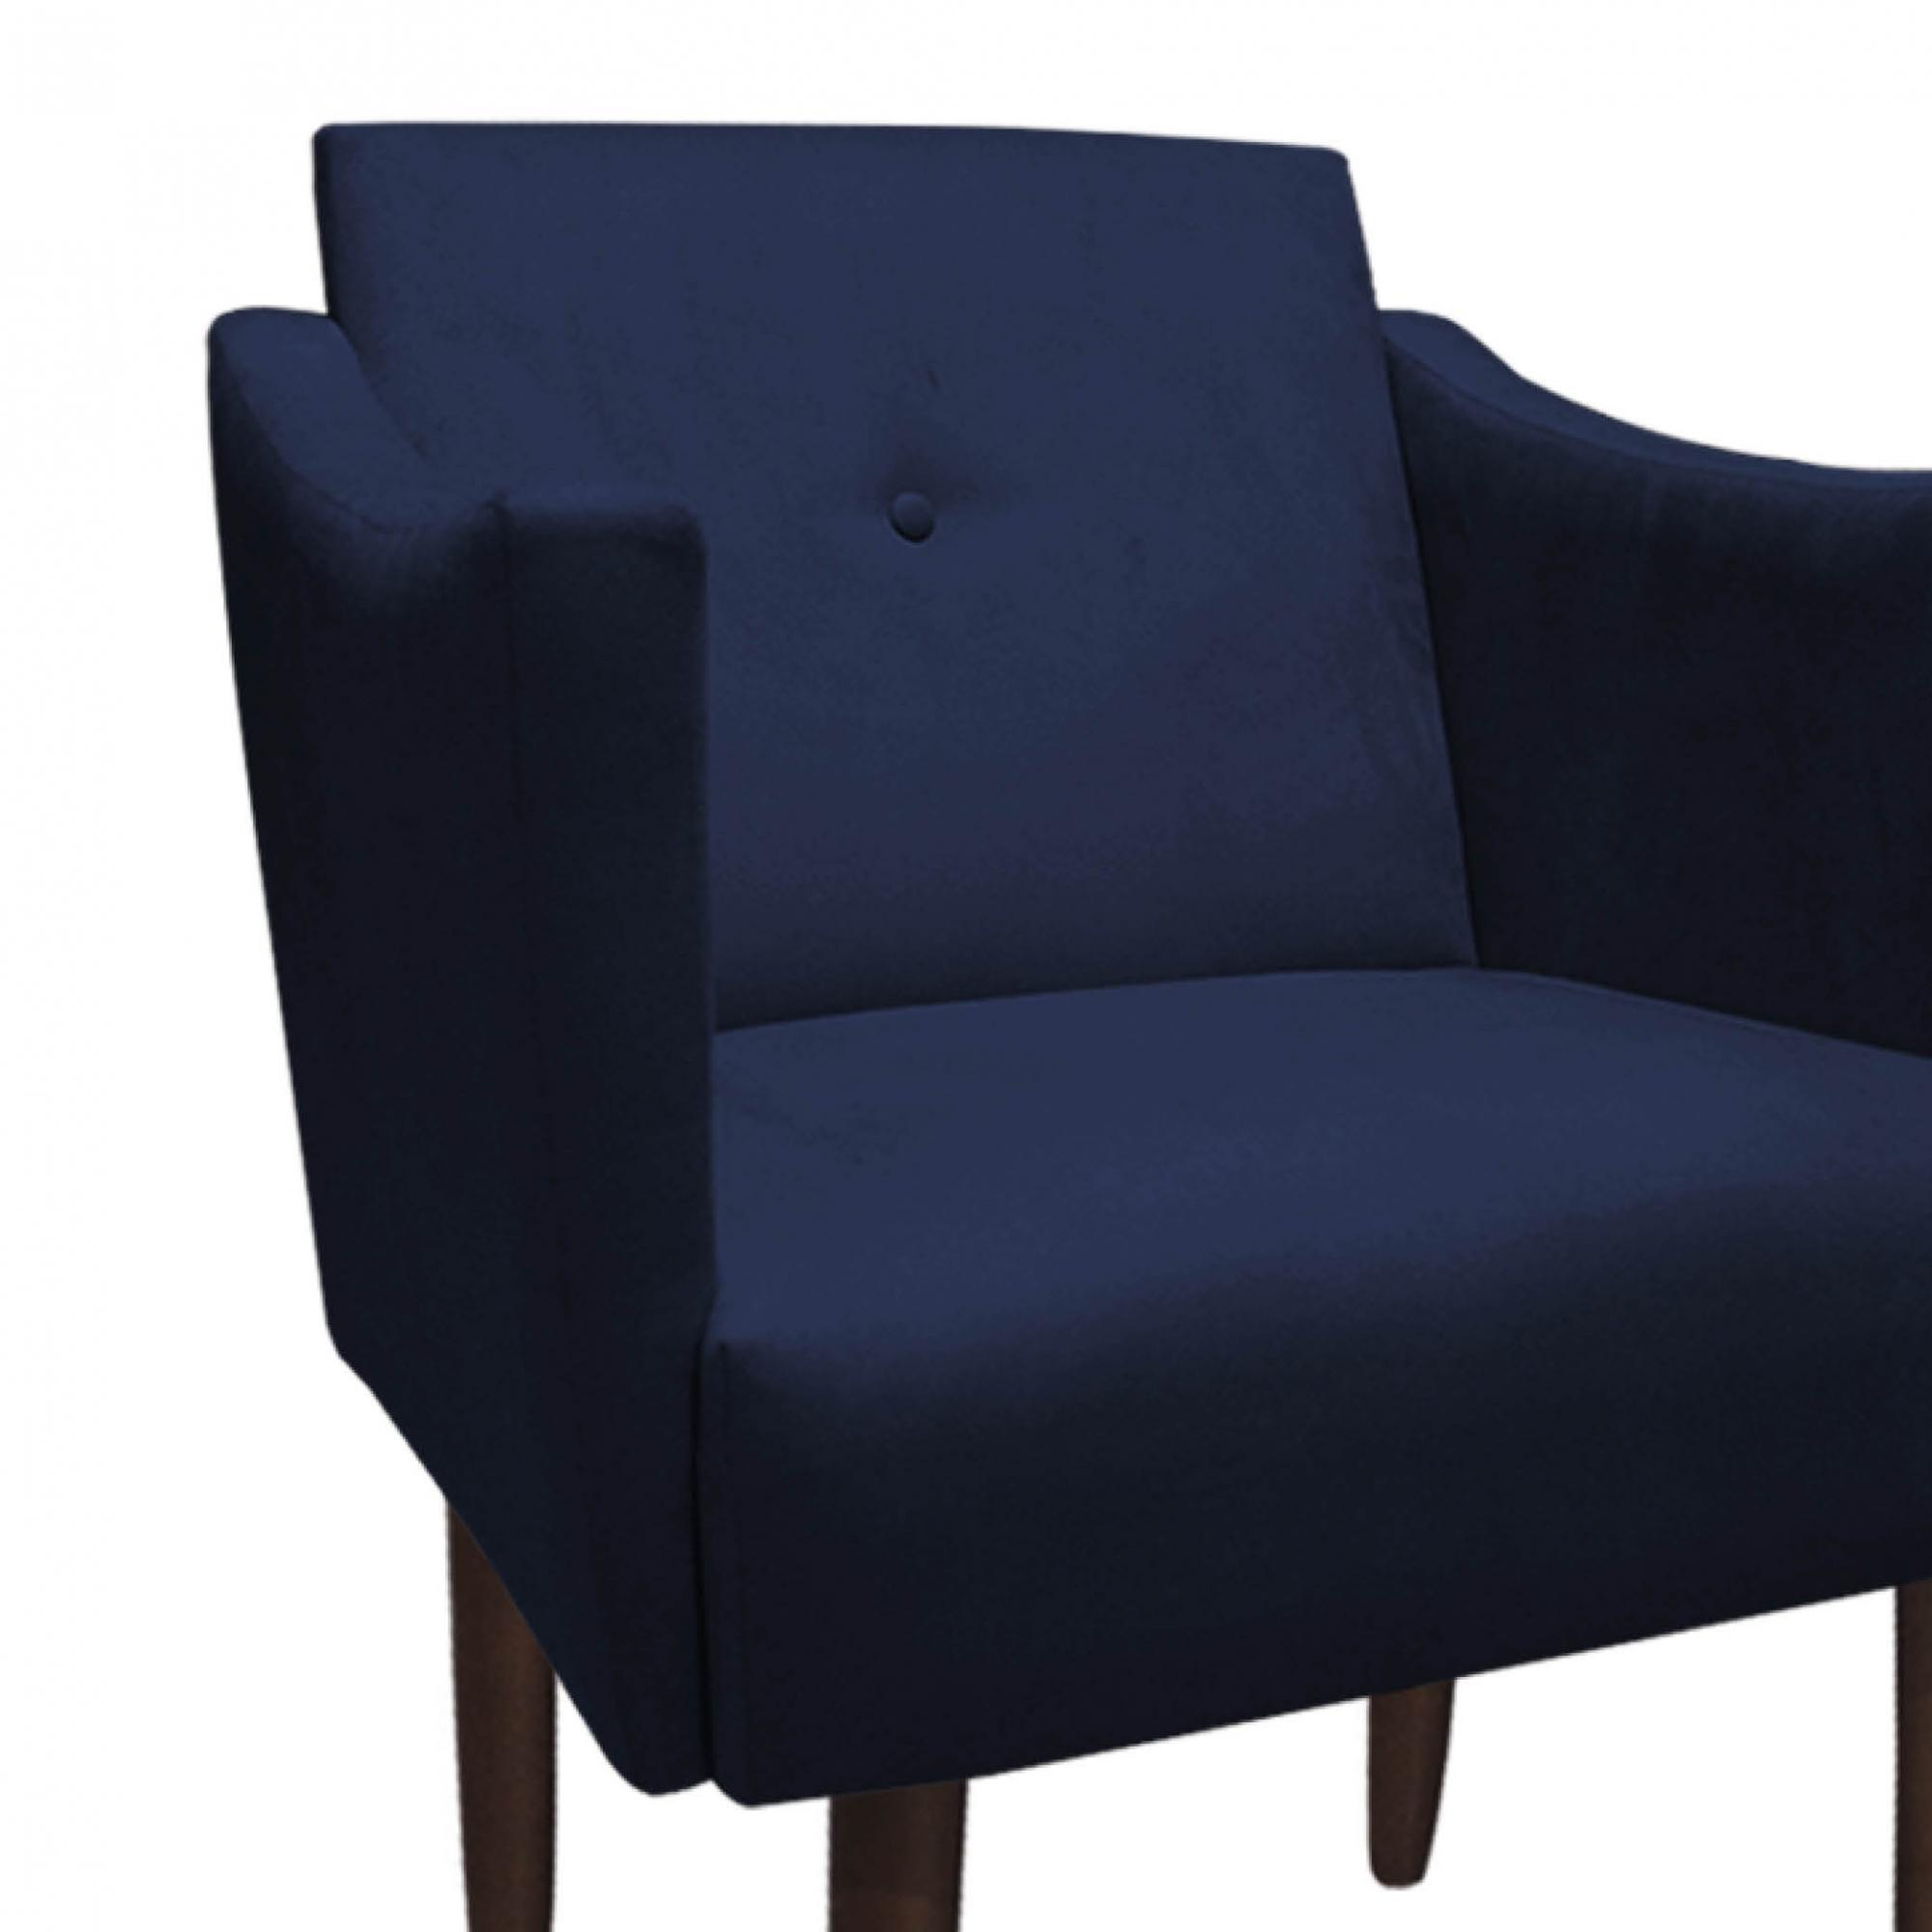 Poltrona Naty Decoração Clínica Salão Cadeira Recepção Escritório Sala Estar  D'Classe Decor Suede Azul Marinho